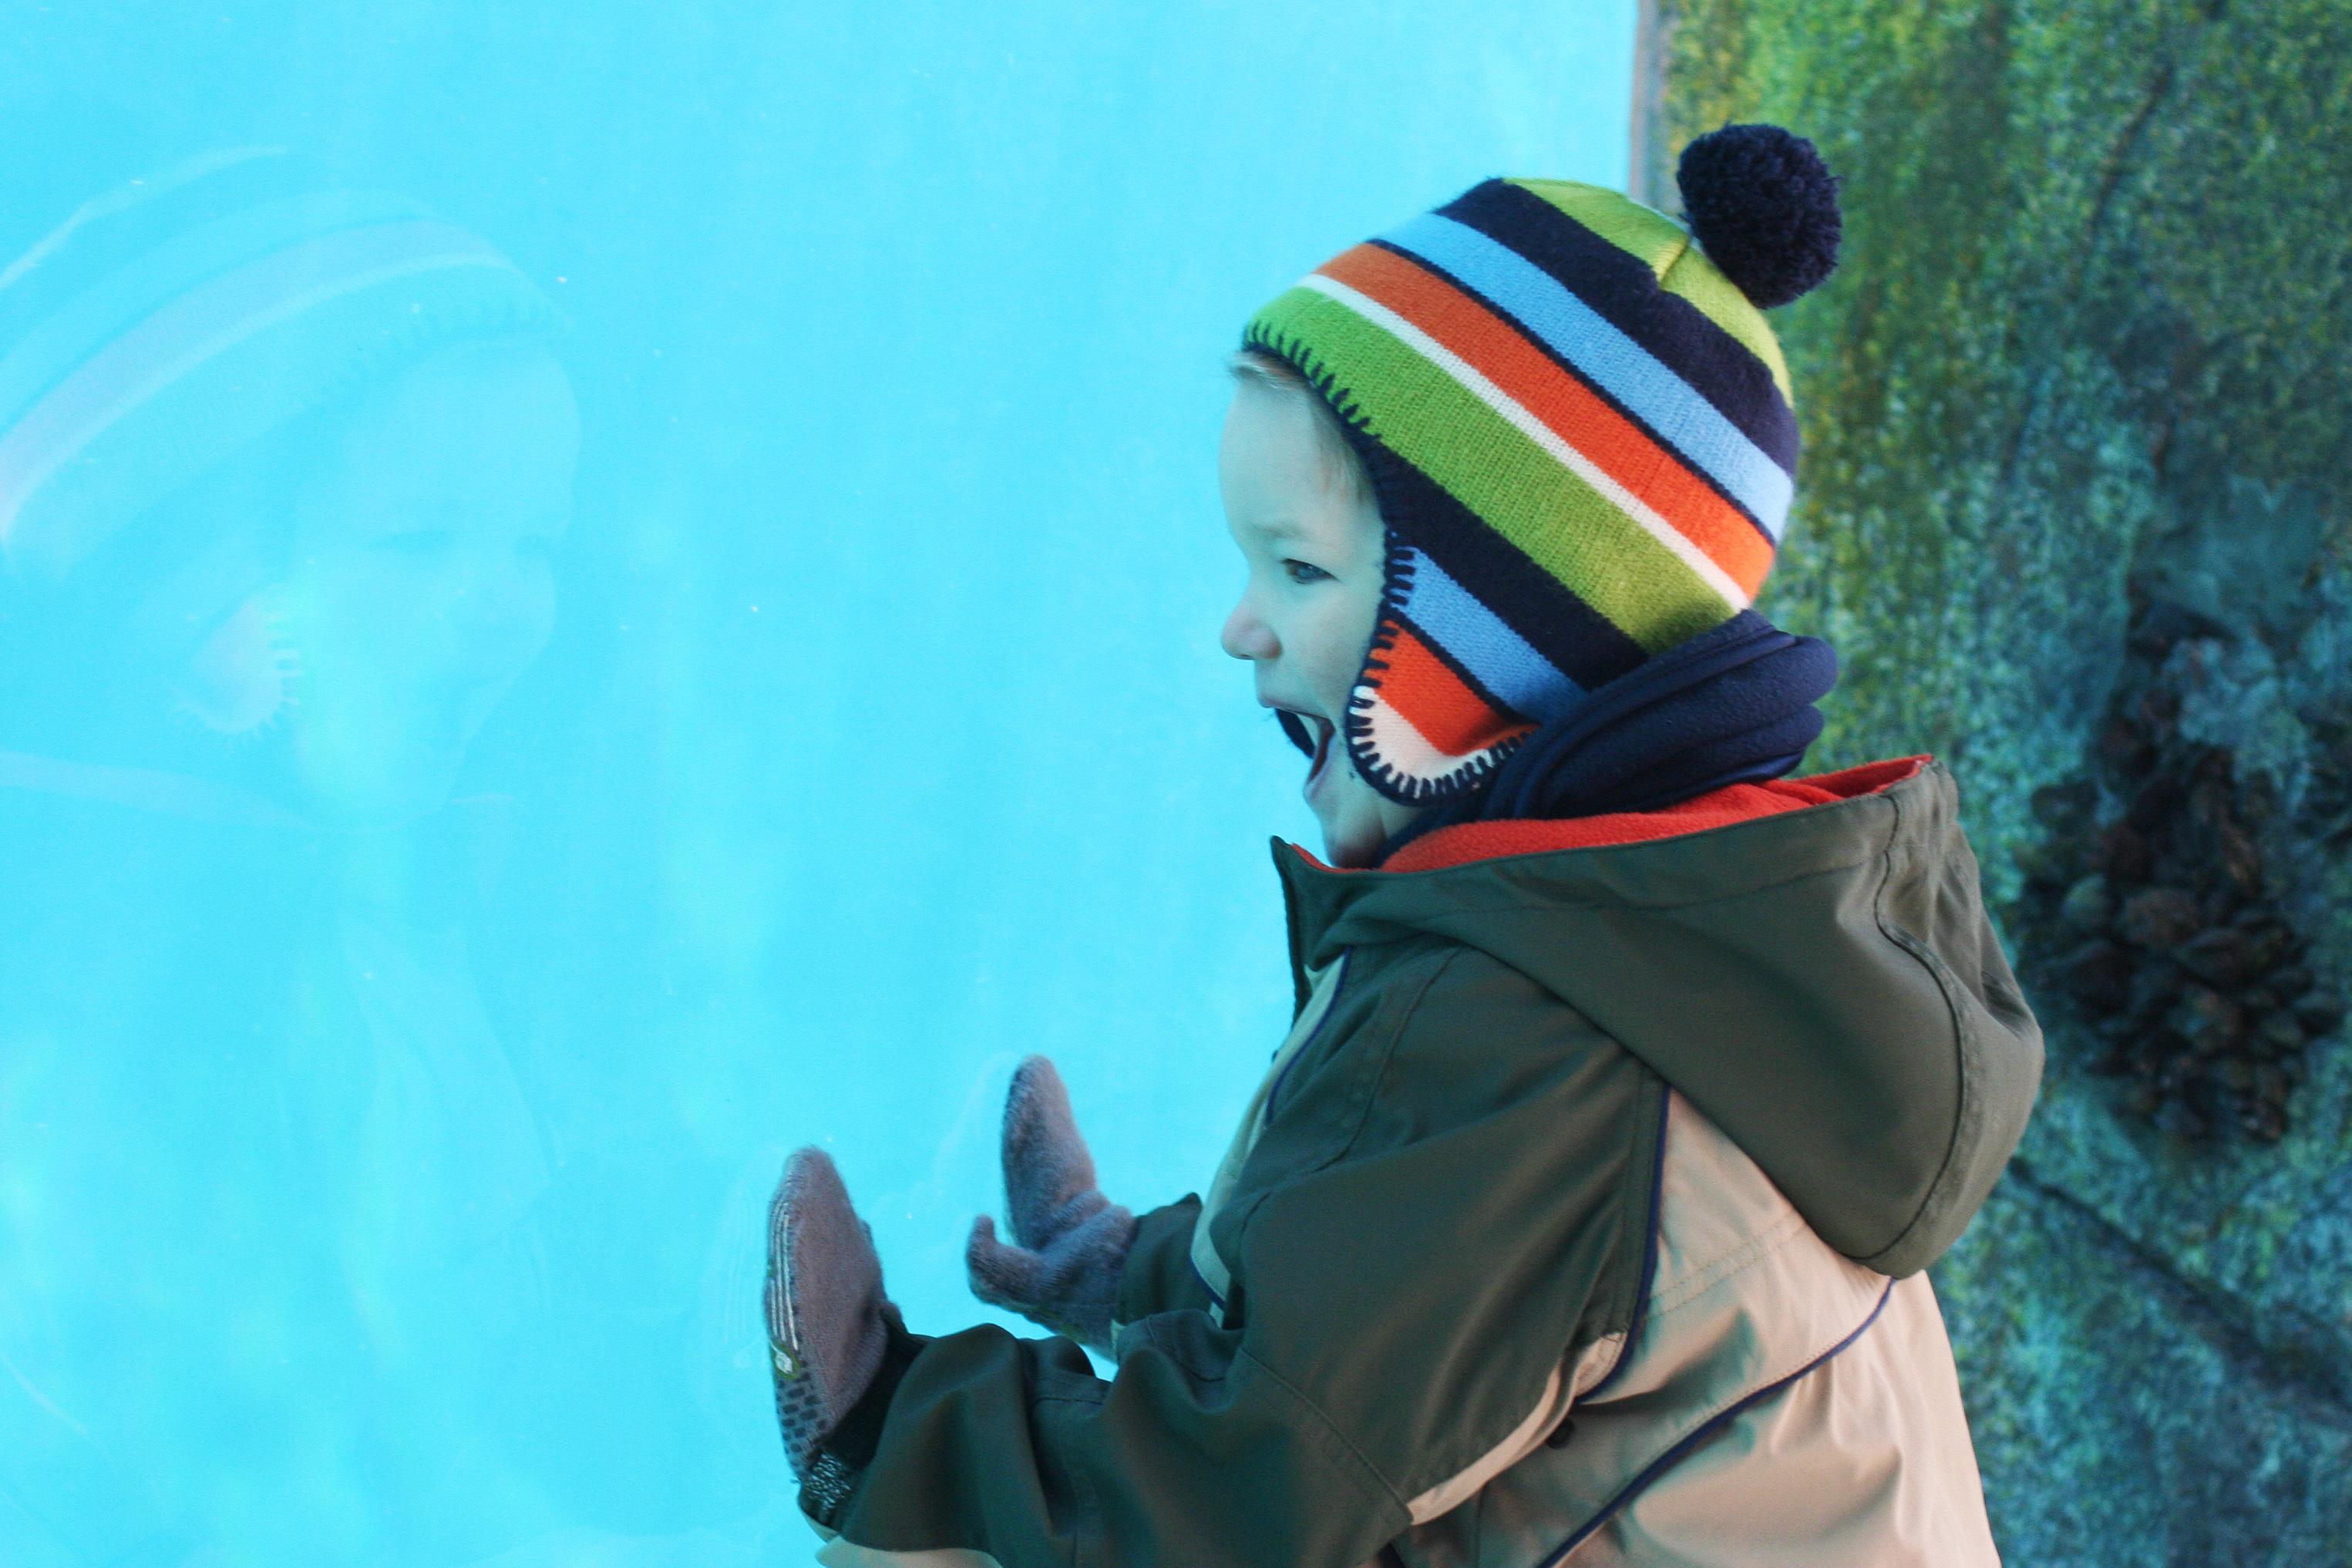 child-enjoying-an-exhibit-at-an-aquarium.jpg?mtime=20200124121724#asset:107774